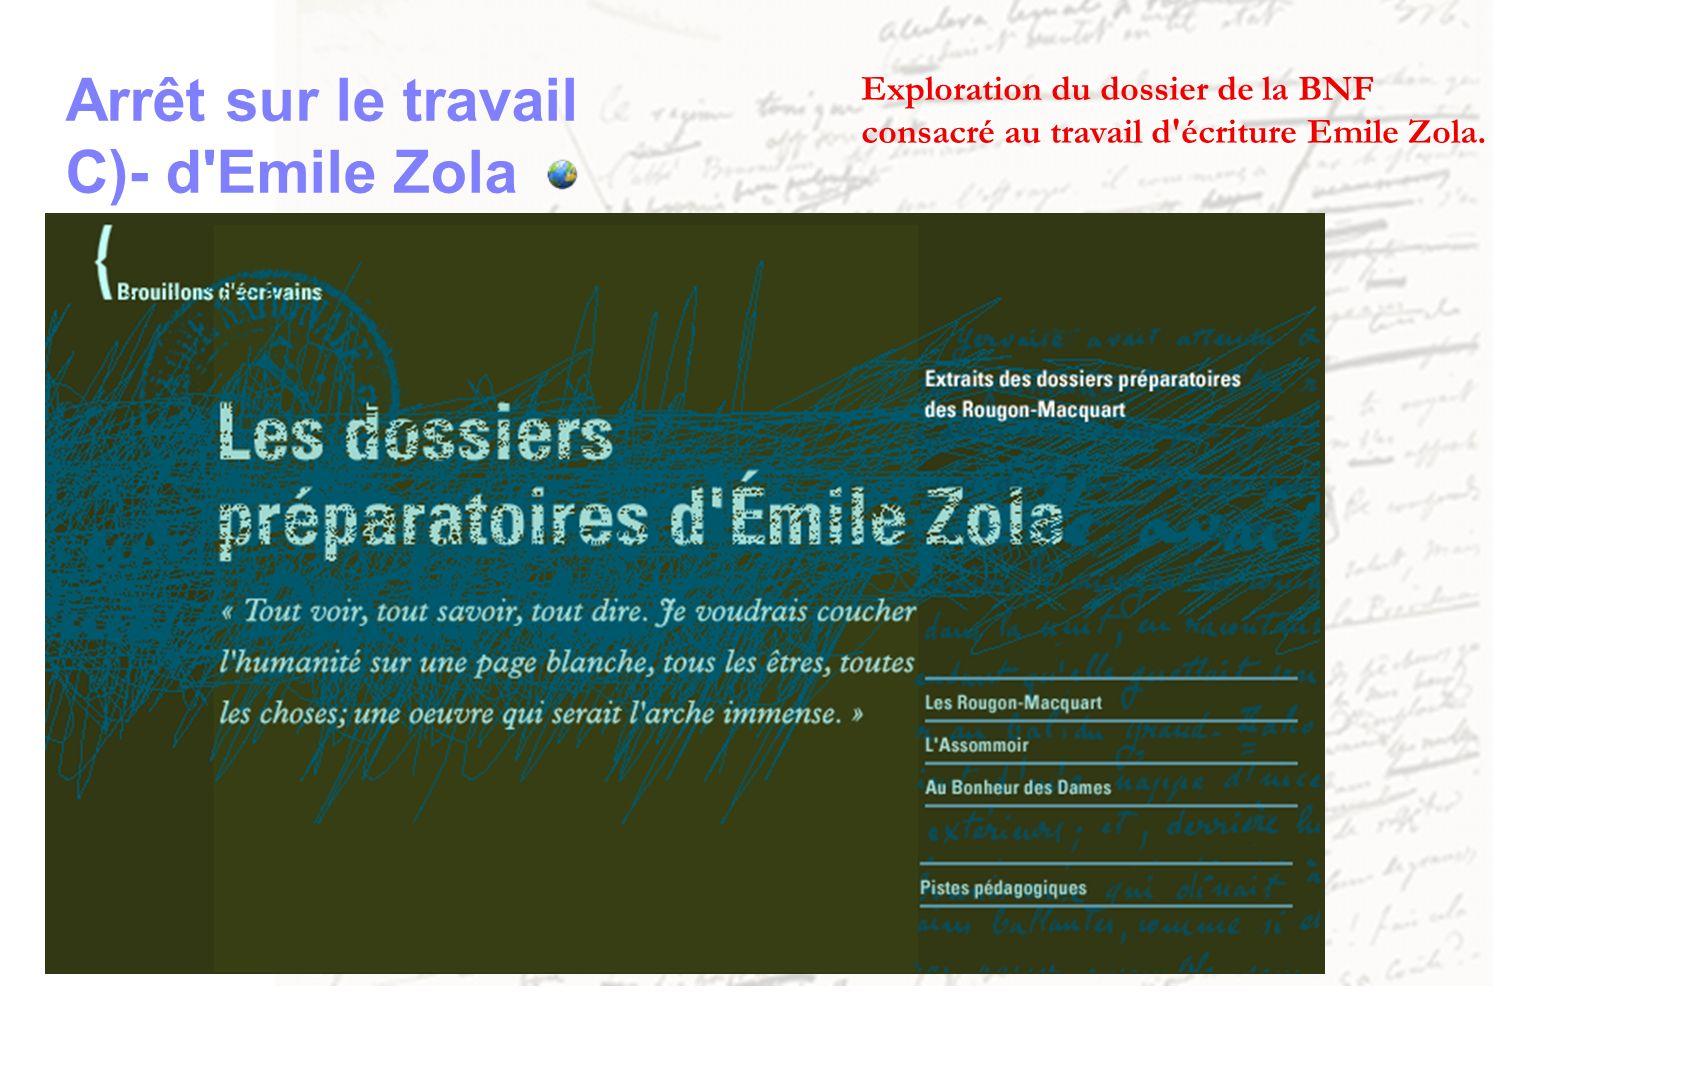 Arrêt sur le travail C)- d'Emile Zola Exploration du dossier de la BNF consacré au travail d'écriture Emile Zola.